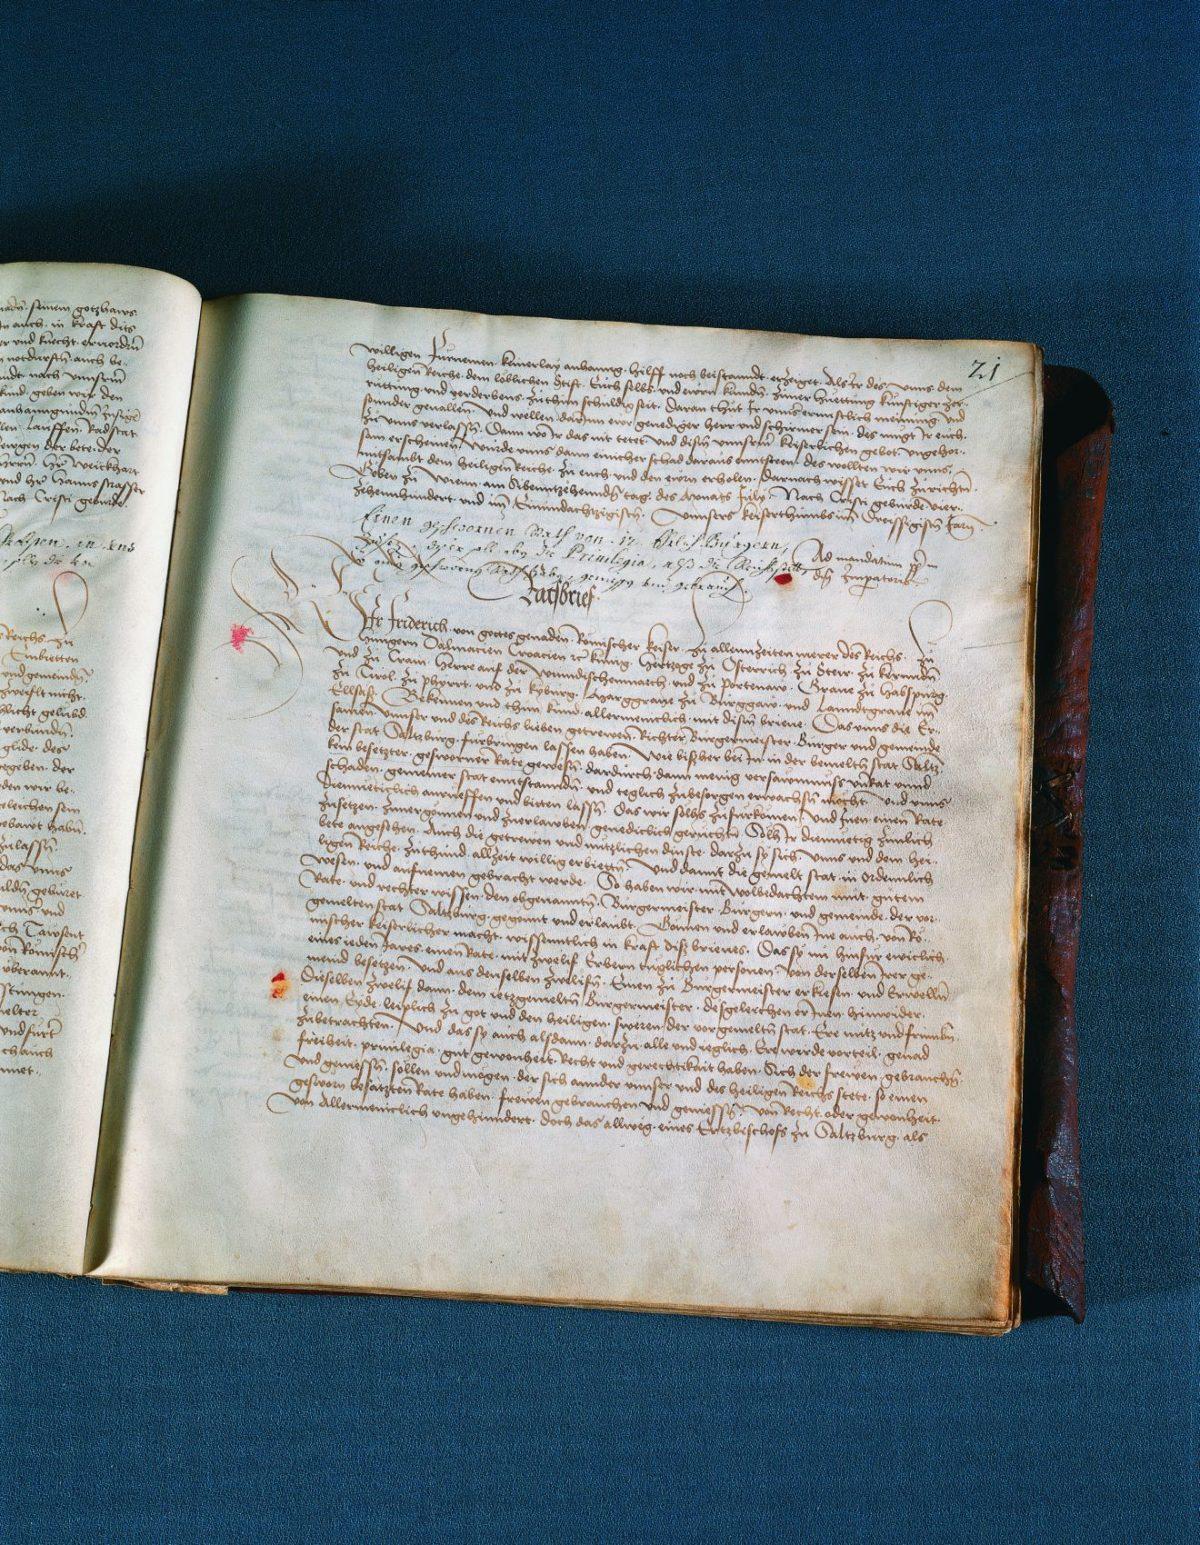 Großer Ratsbrief, Abschrift im Privilegienbuch der Stadt Salzburg